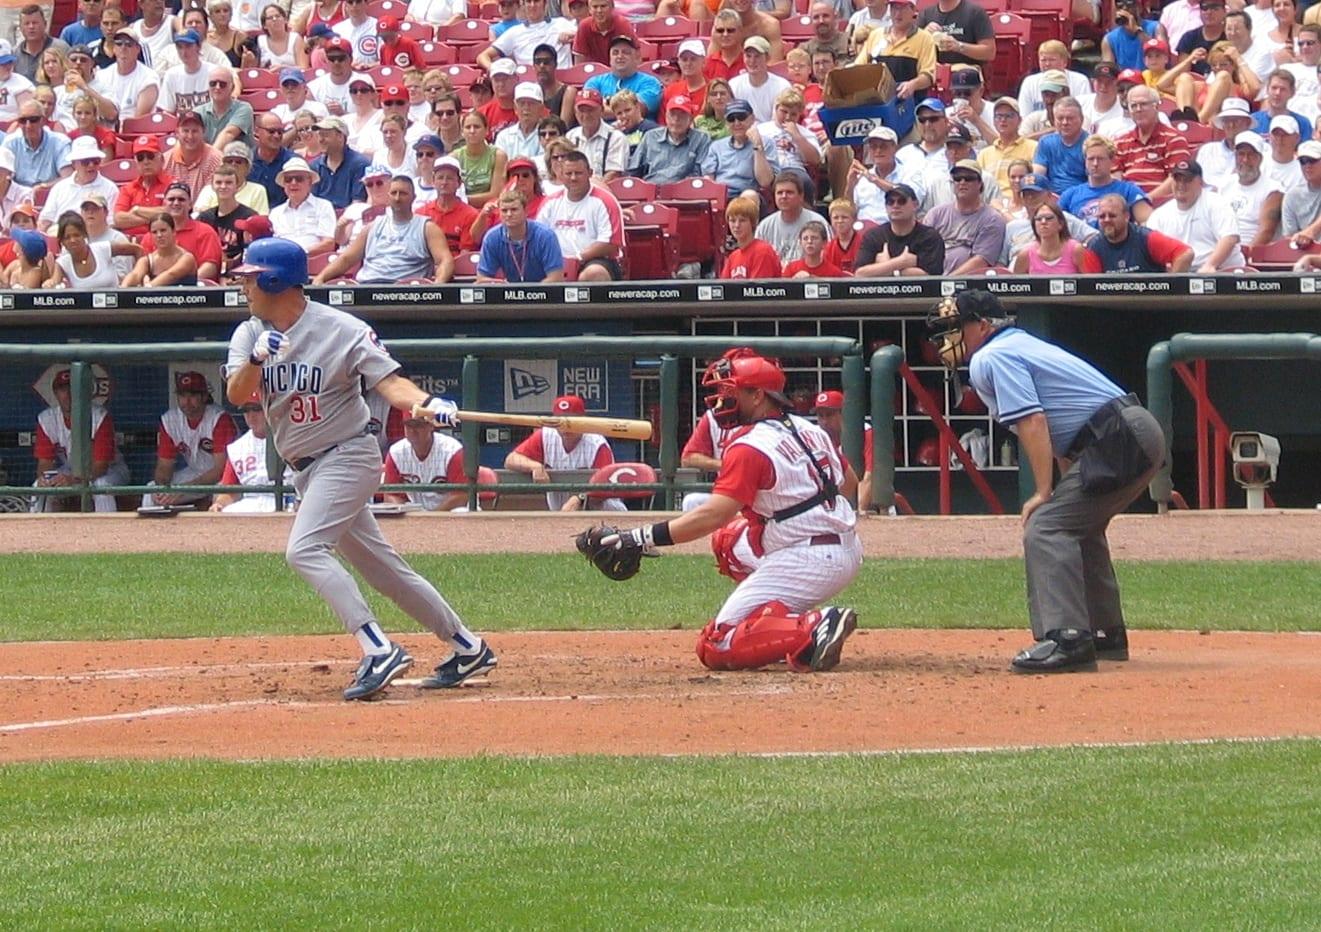 Two baseball players